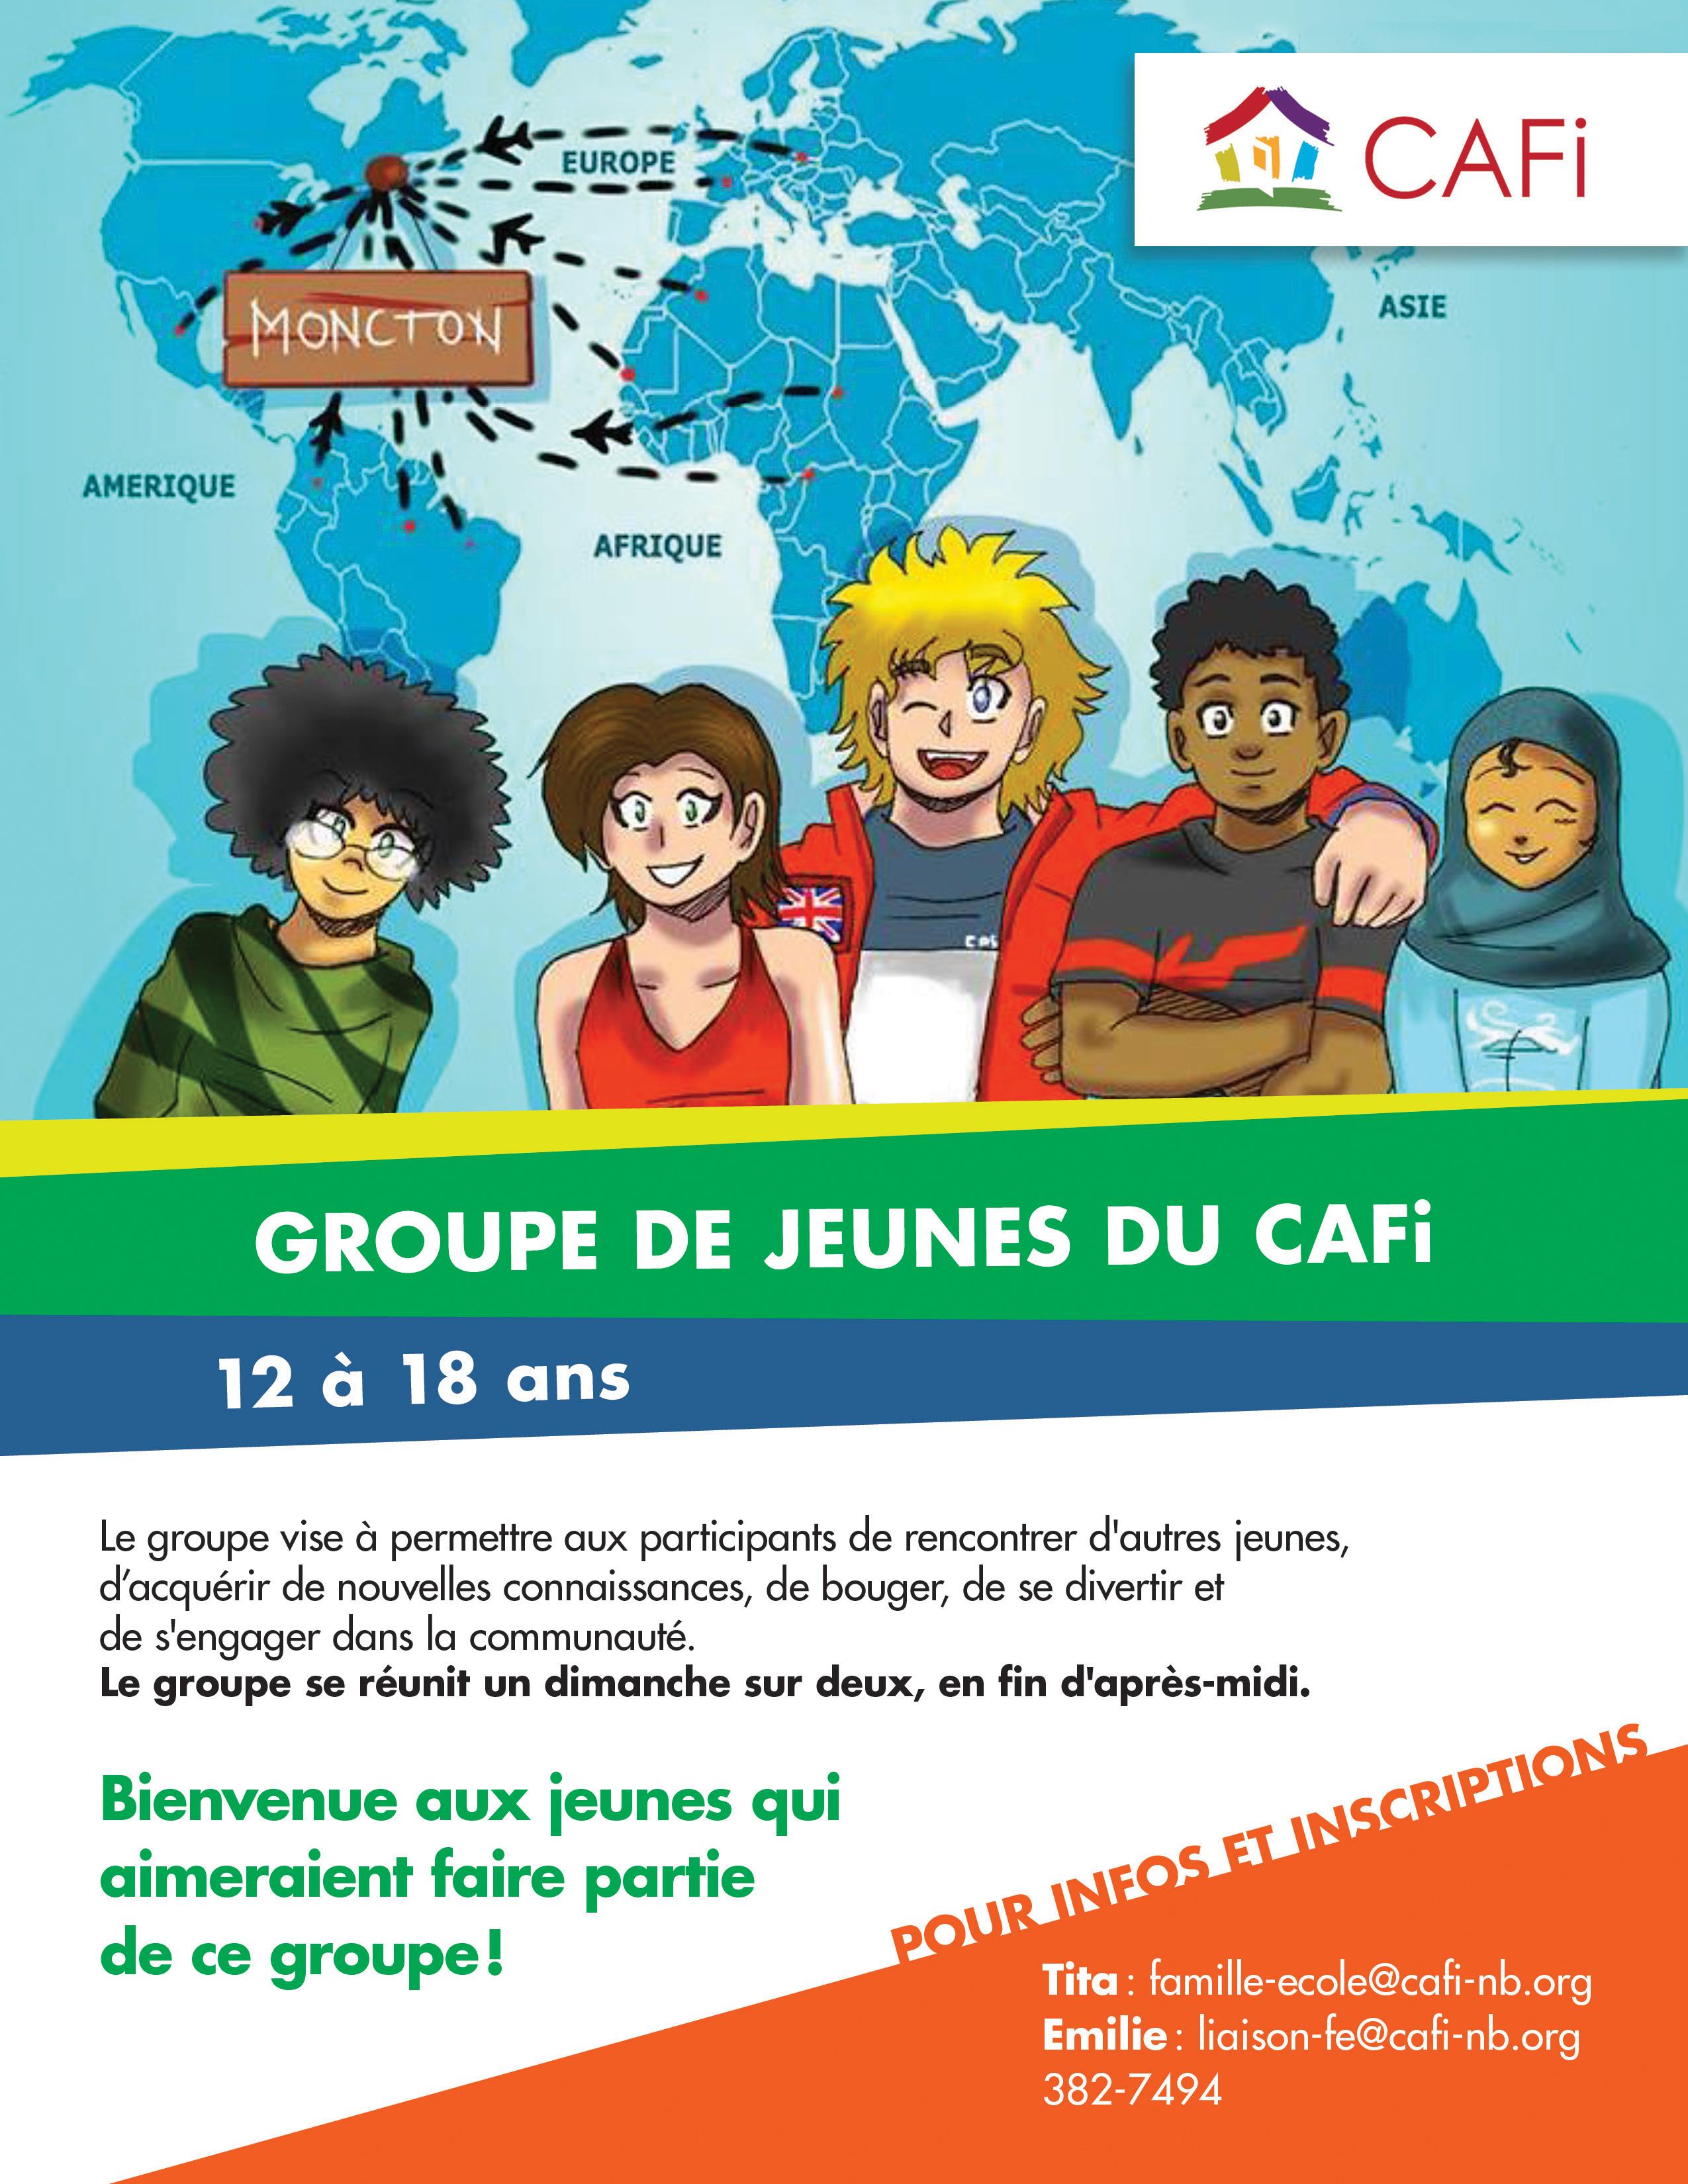 affiche_groupe_de_jeunes